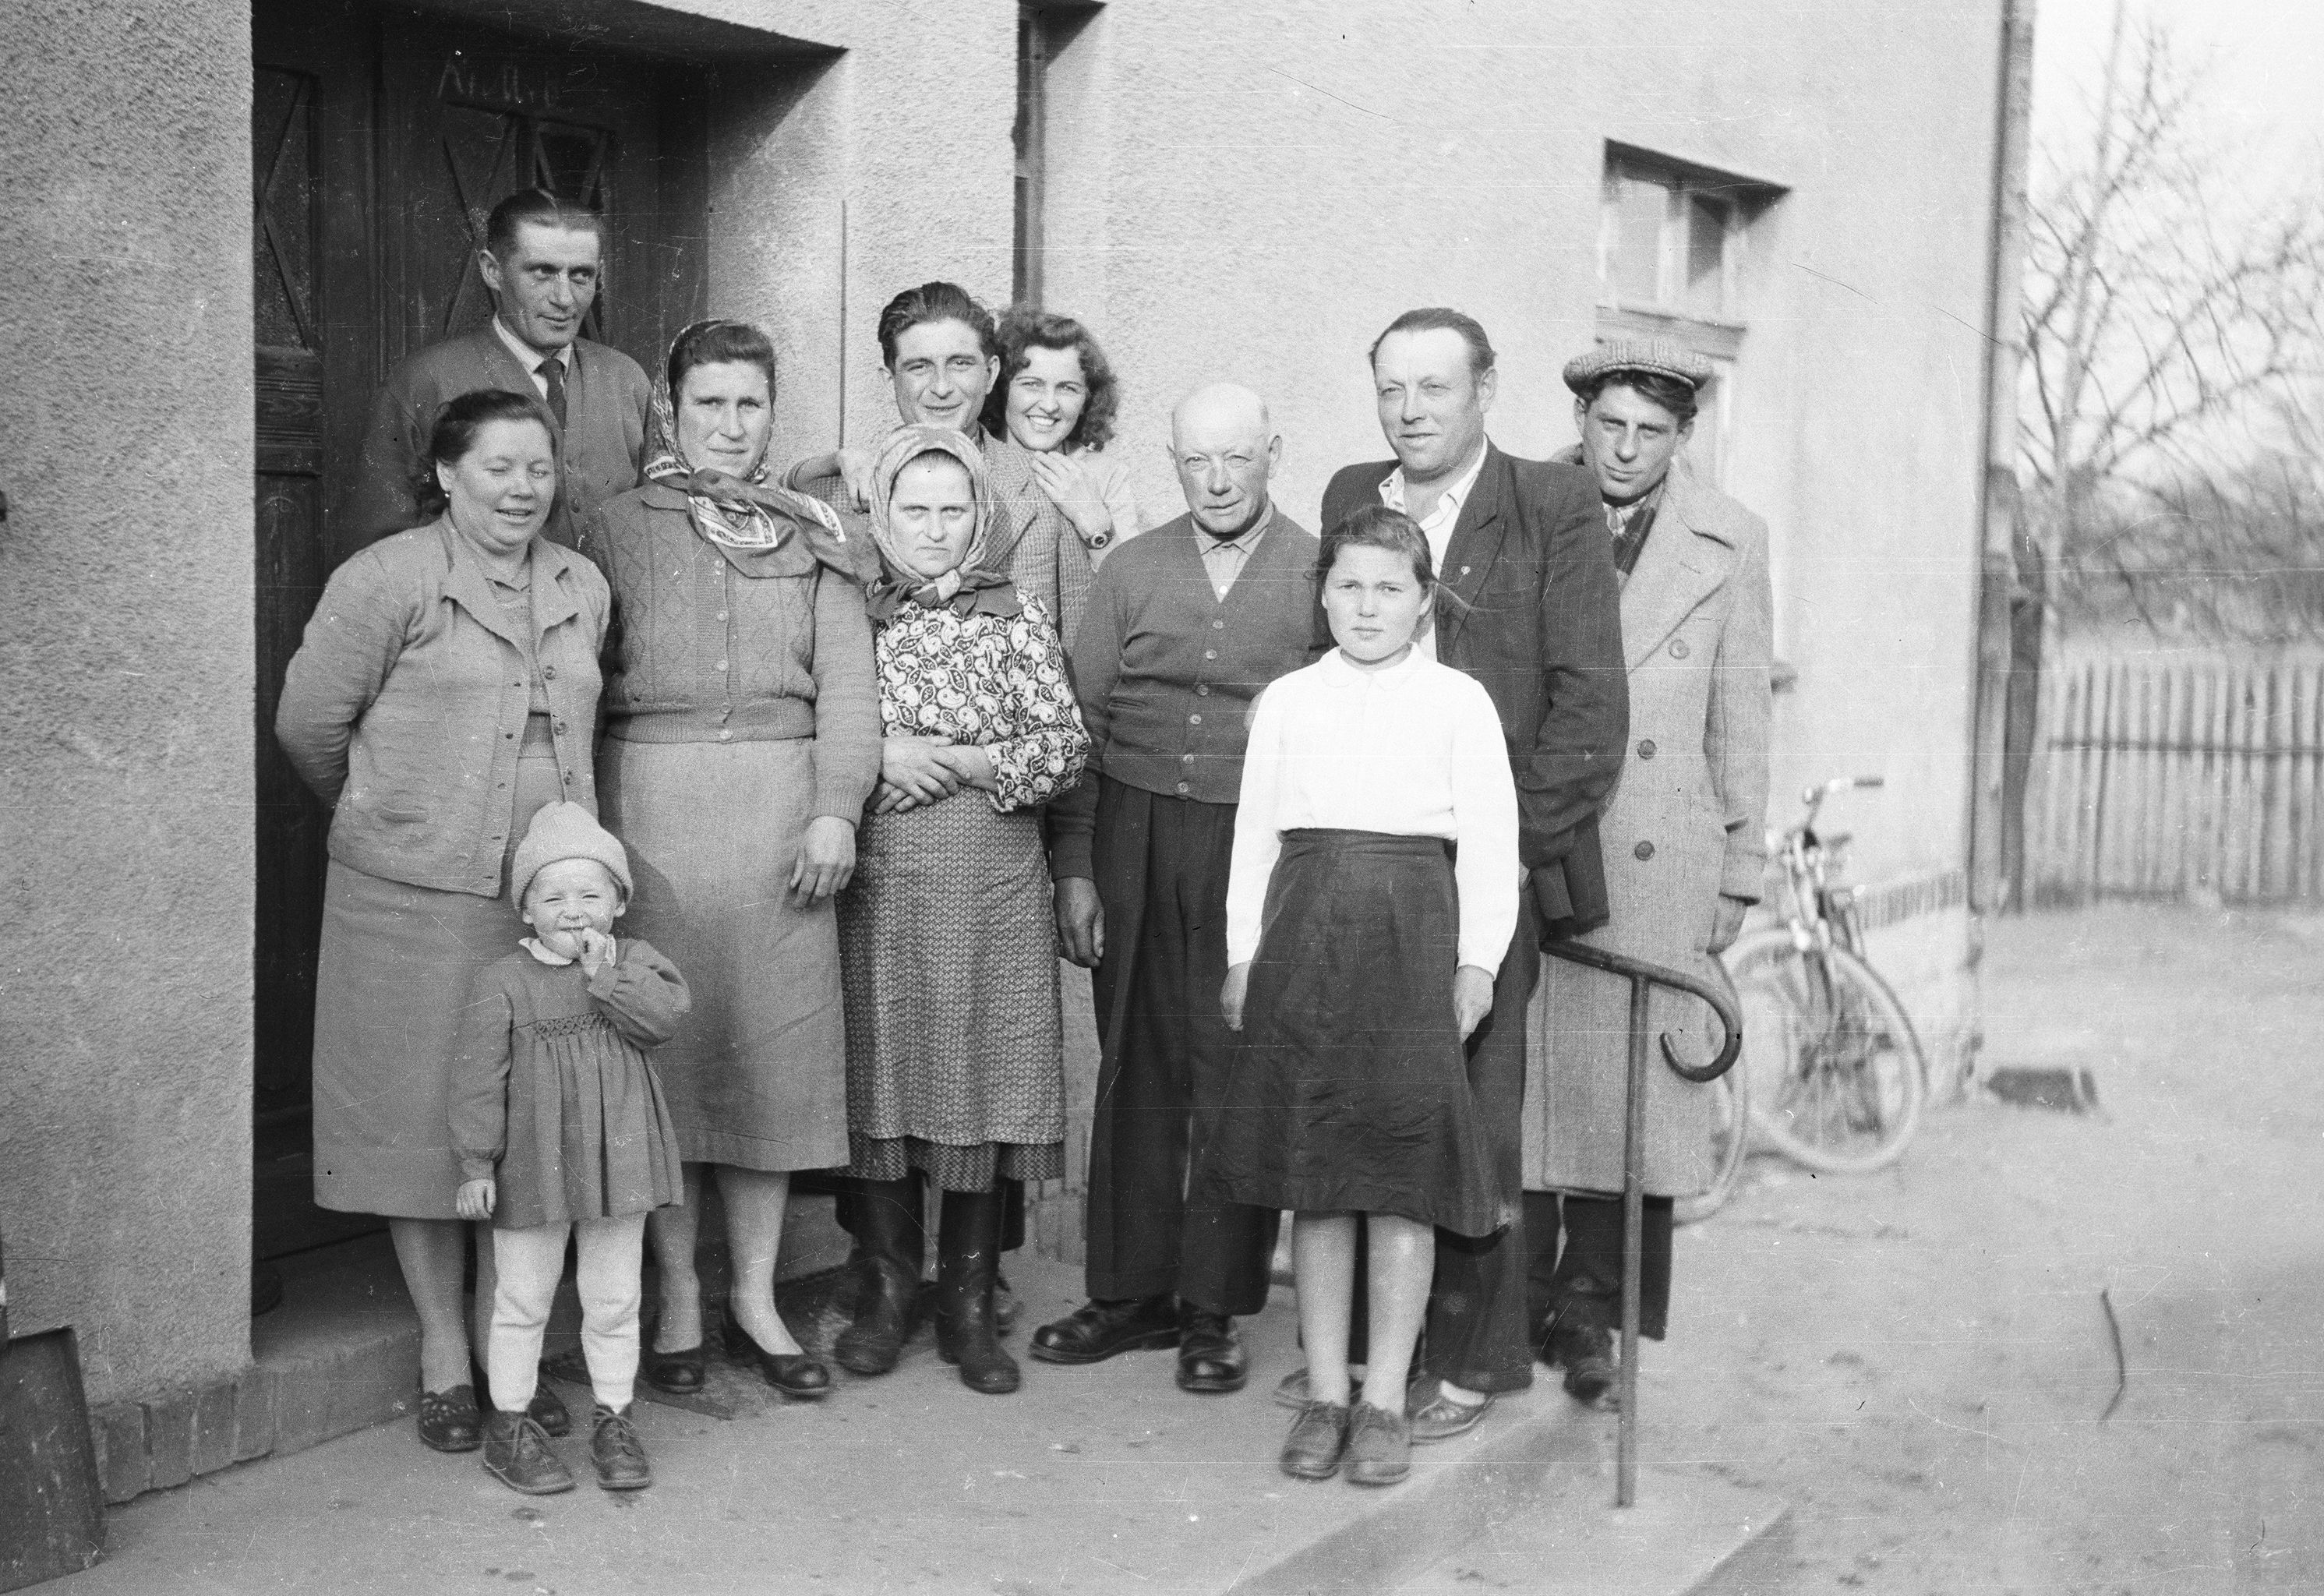 Spotkanie rodziny Kubajów z gośćmi z Syberii i Francji, Brzózka, Dolny Śląsk, lata 50. XX w.